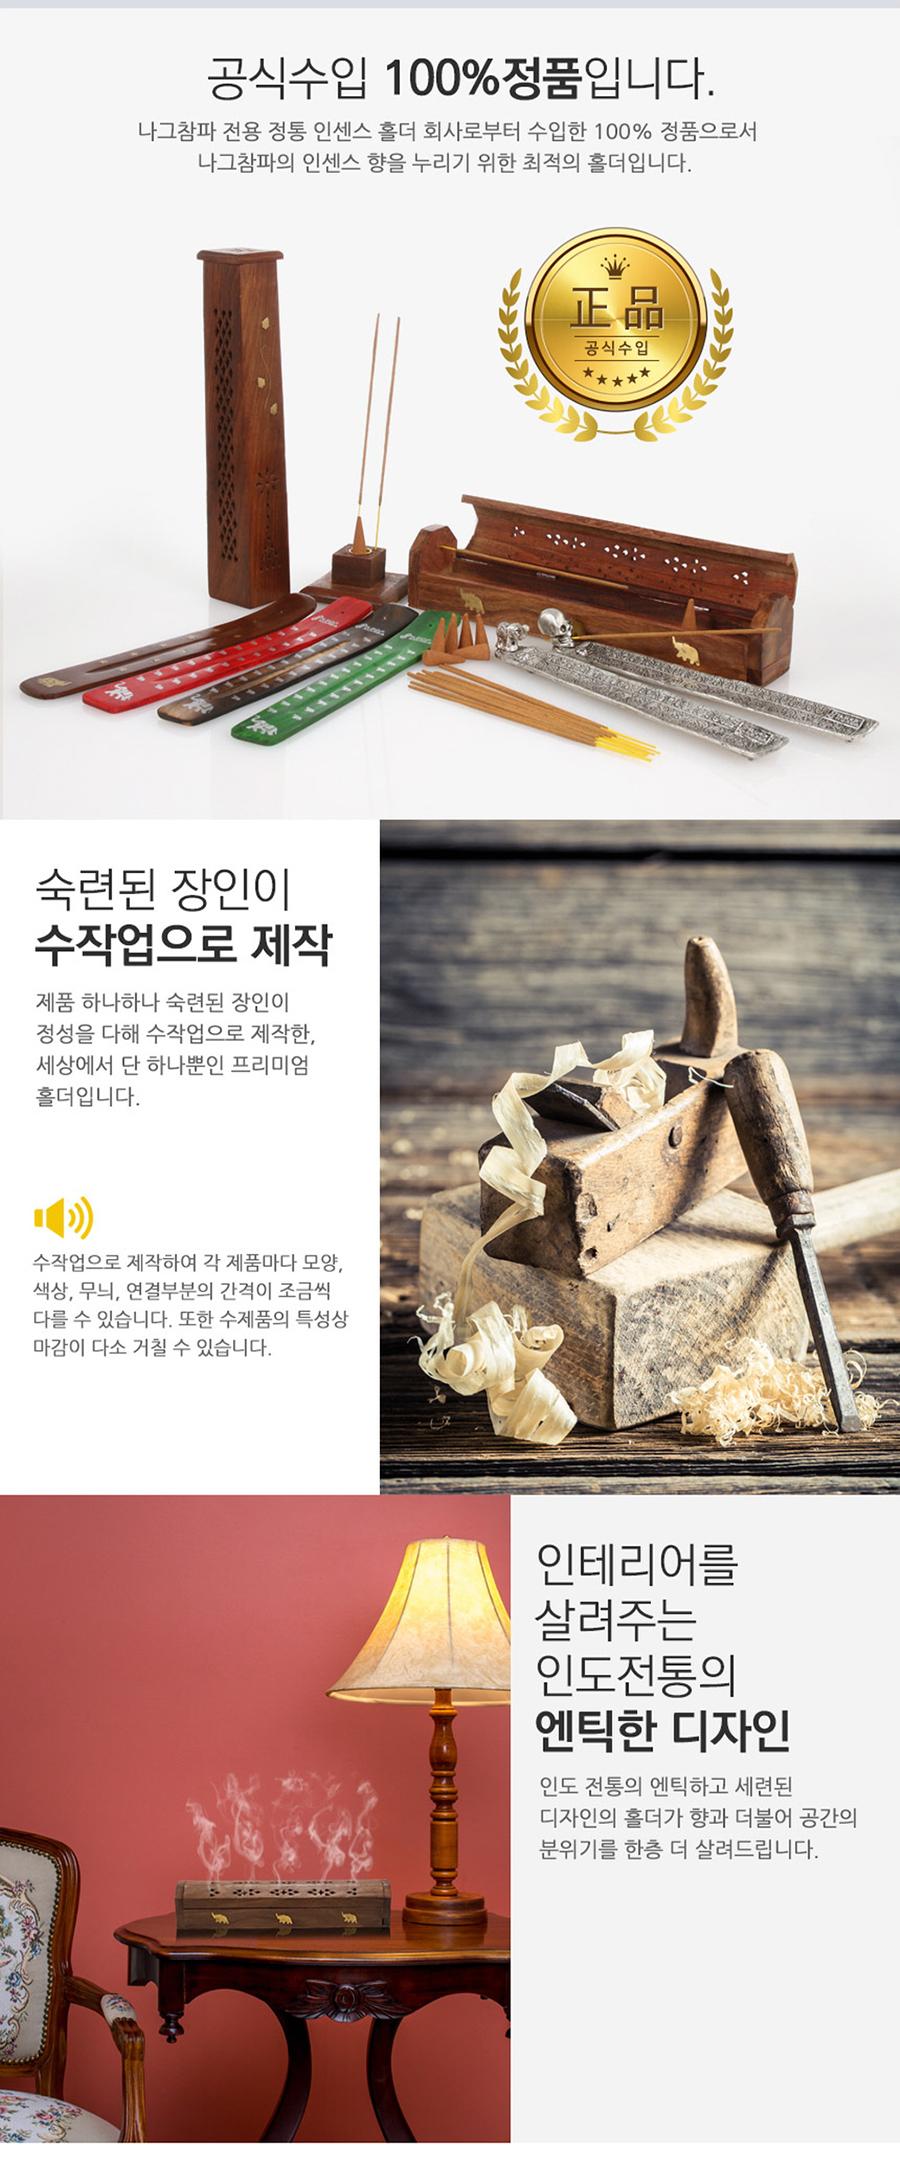 인센스 홀더 플레인 브라운 - 사티아, 2,000원, 캔들용품, 홀더/촛대